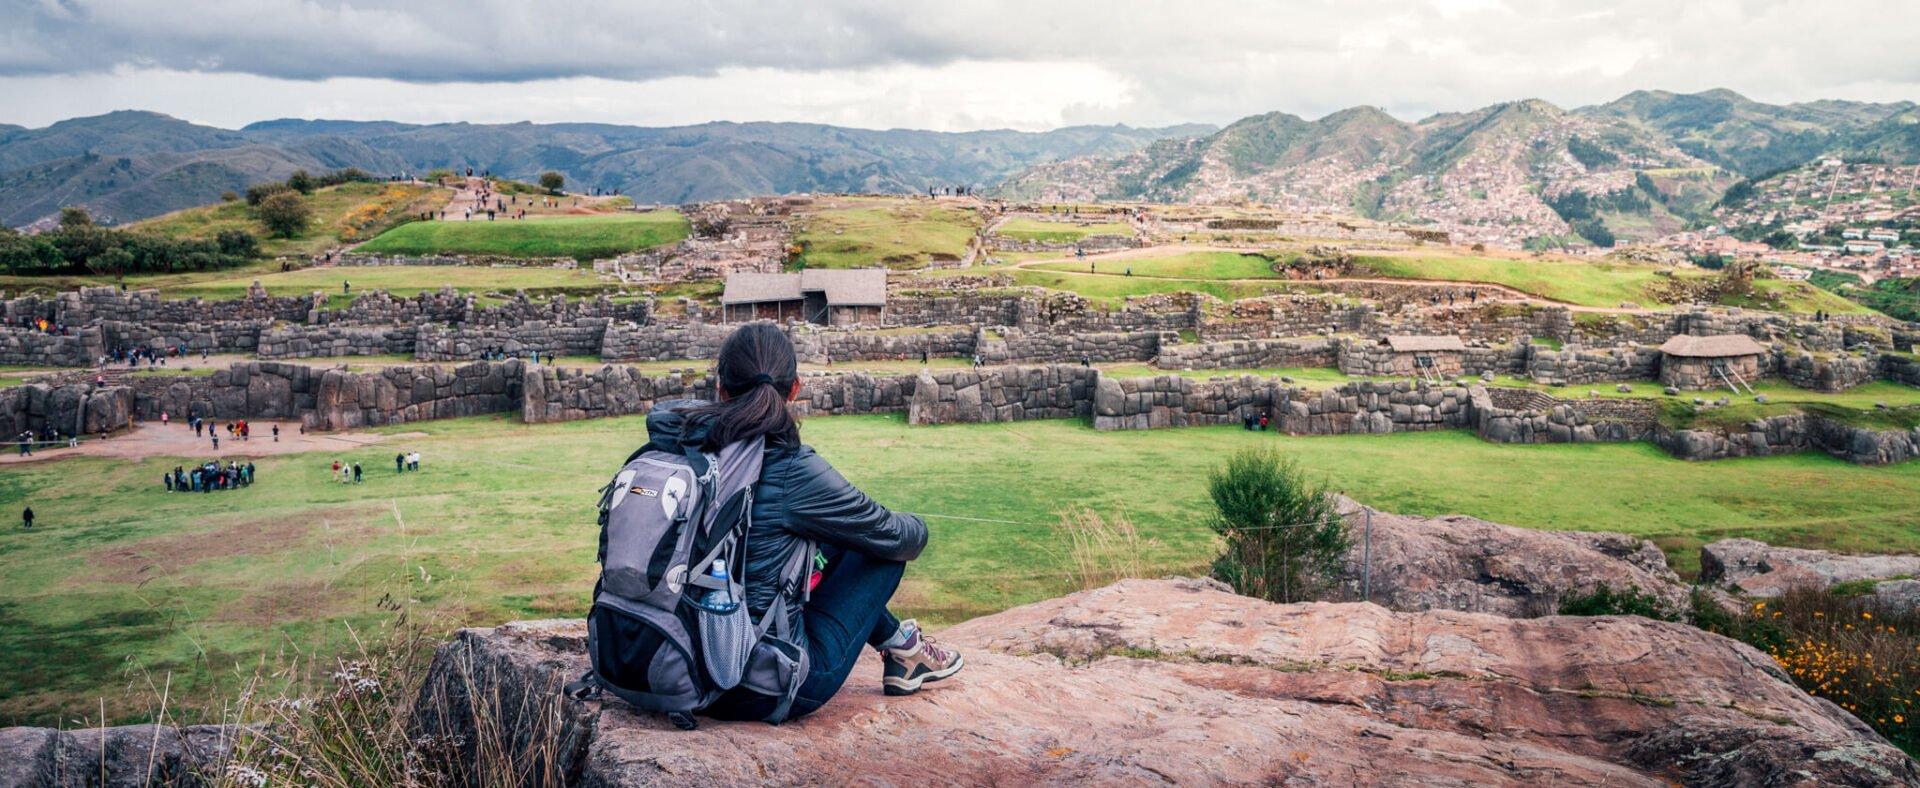 Sítio Arqueológico Sacsayuamán, em Cusco